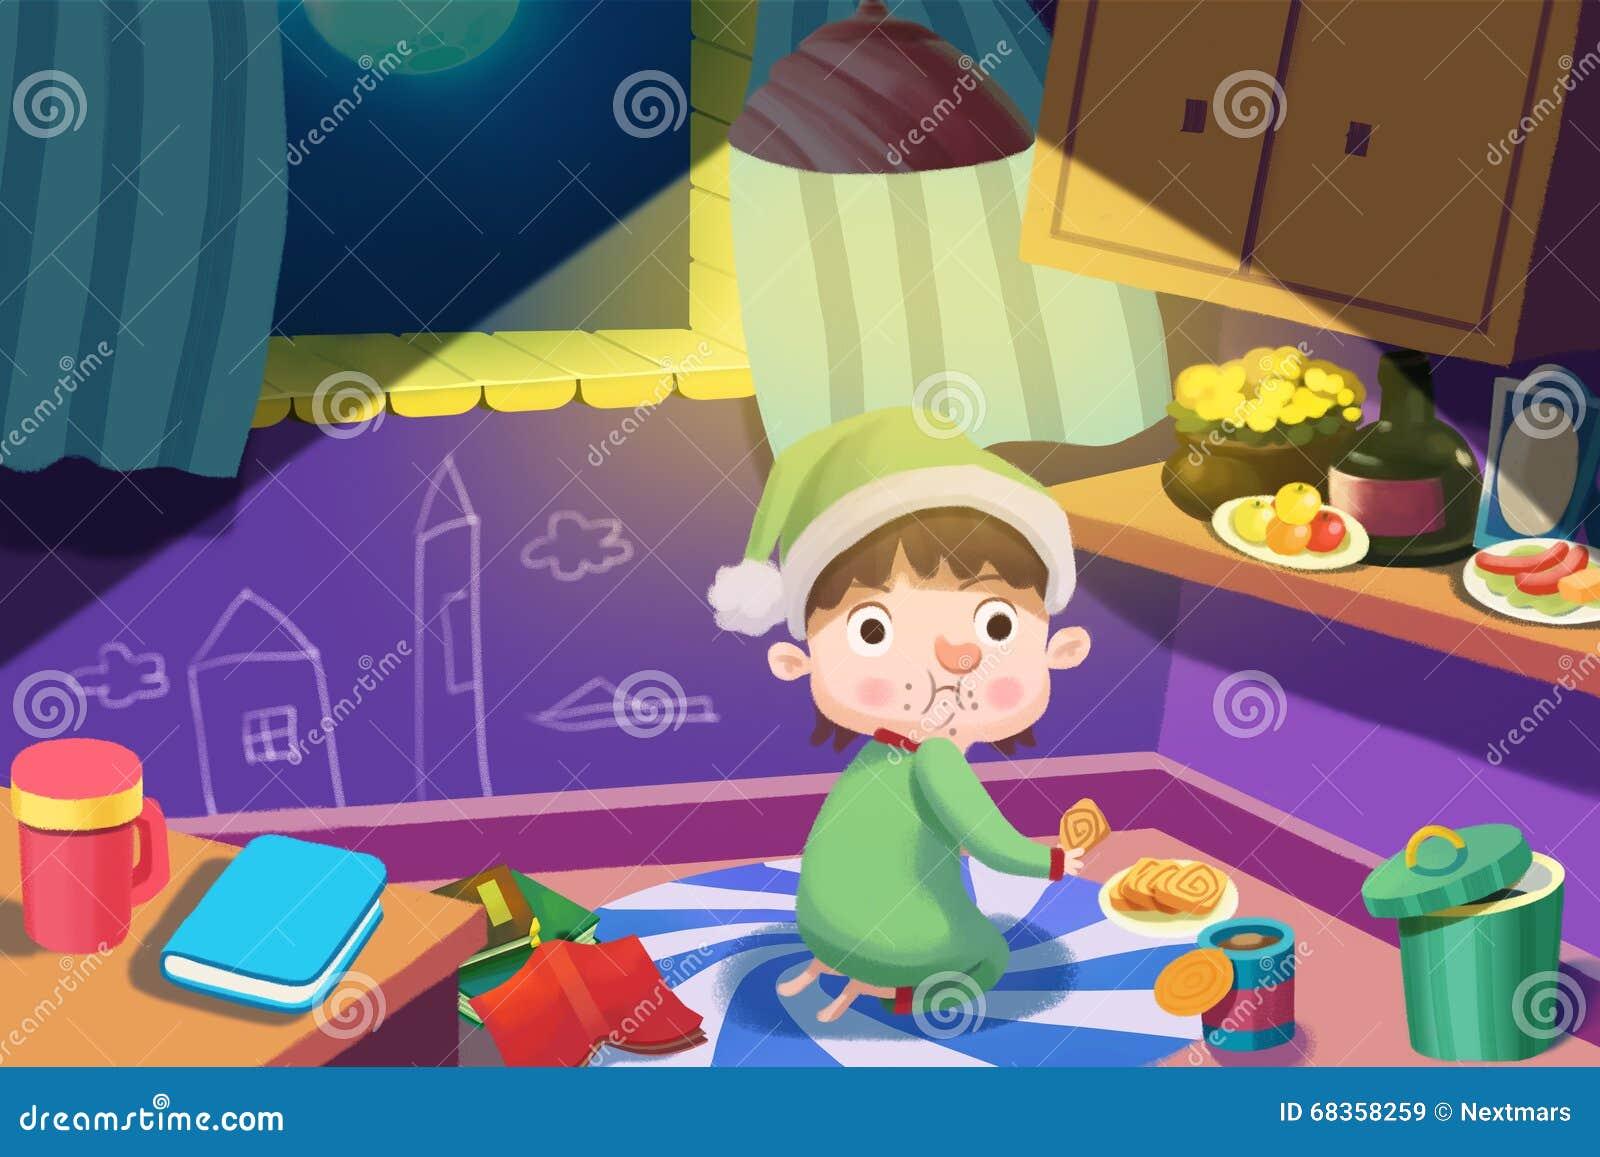 Ejemplo para los niños: ¡El muchacho hambriento consigue hasta roba un poco de comida en la noche, pero fue cogido en el acto!